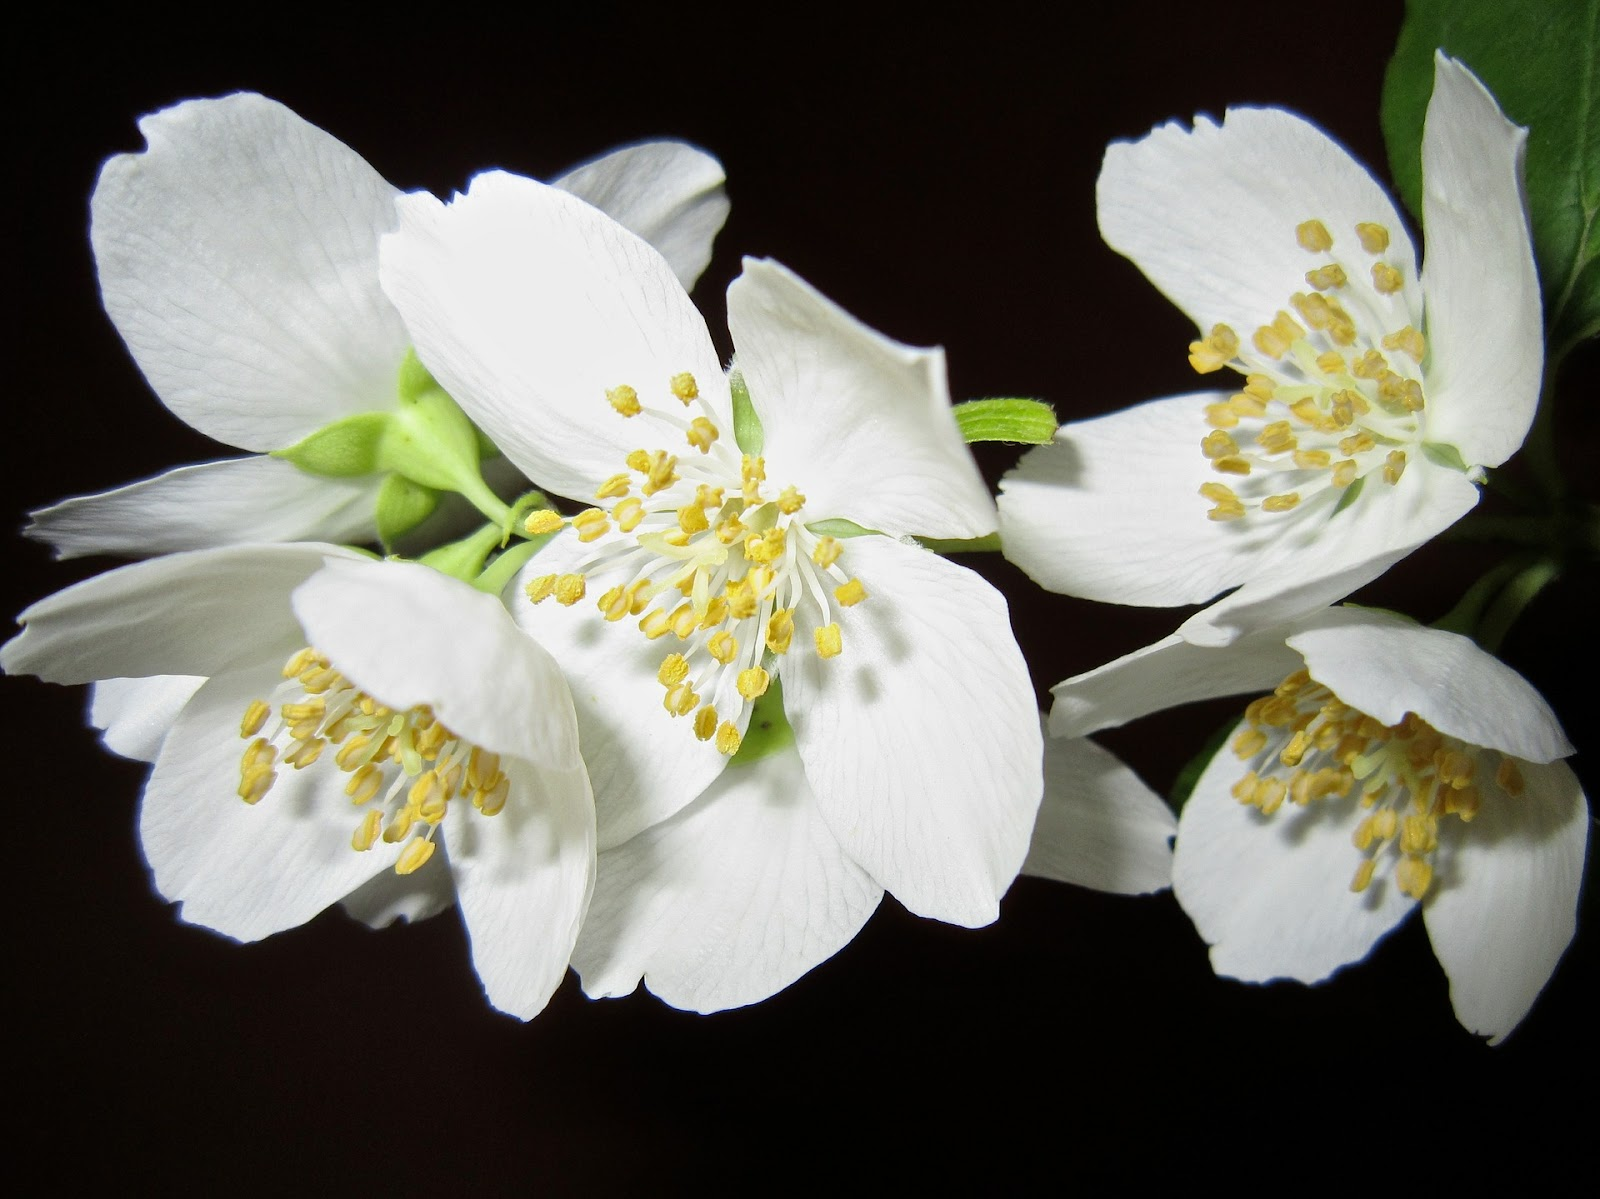 Le jasmin c'est joli, mais ça vous plombe une dégustation